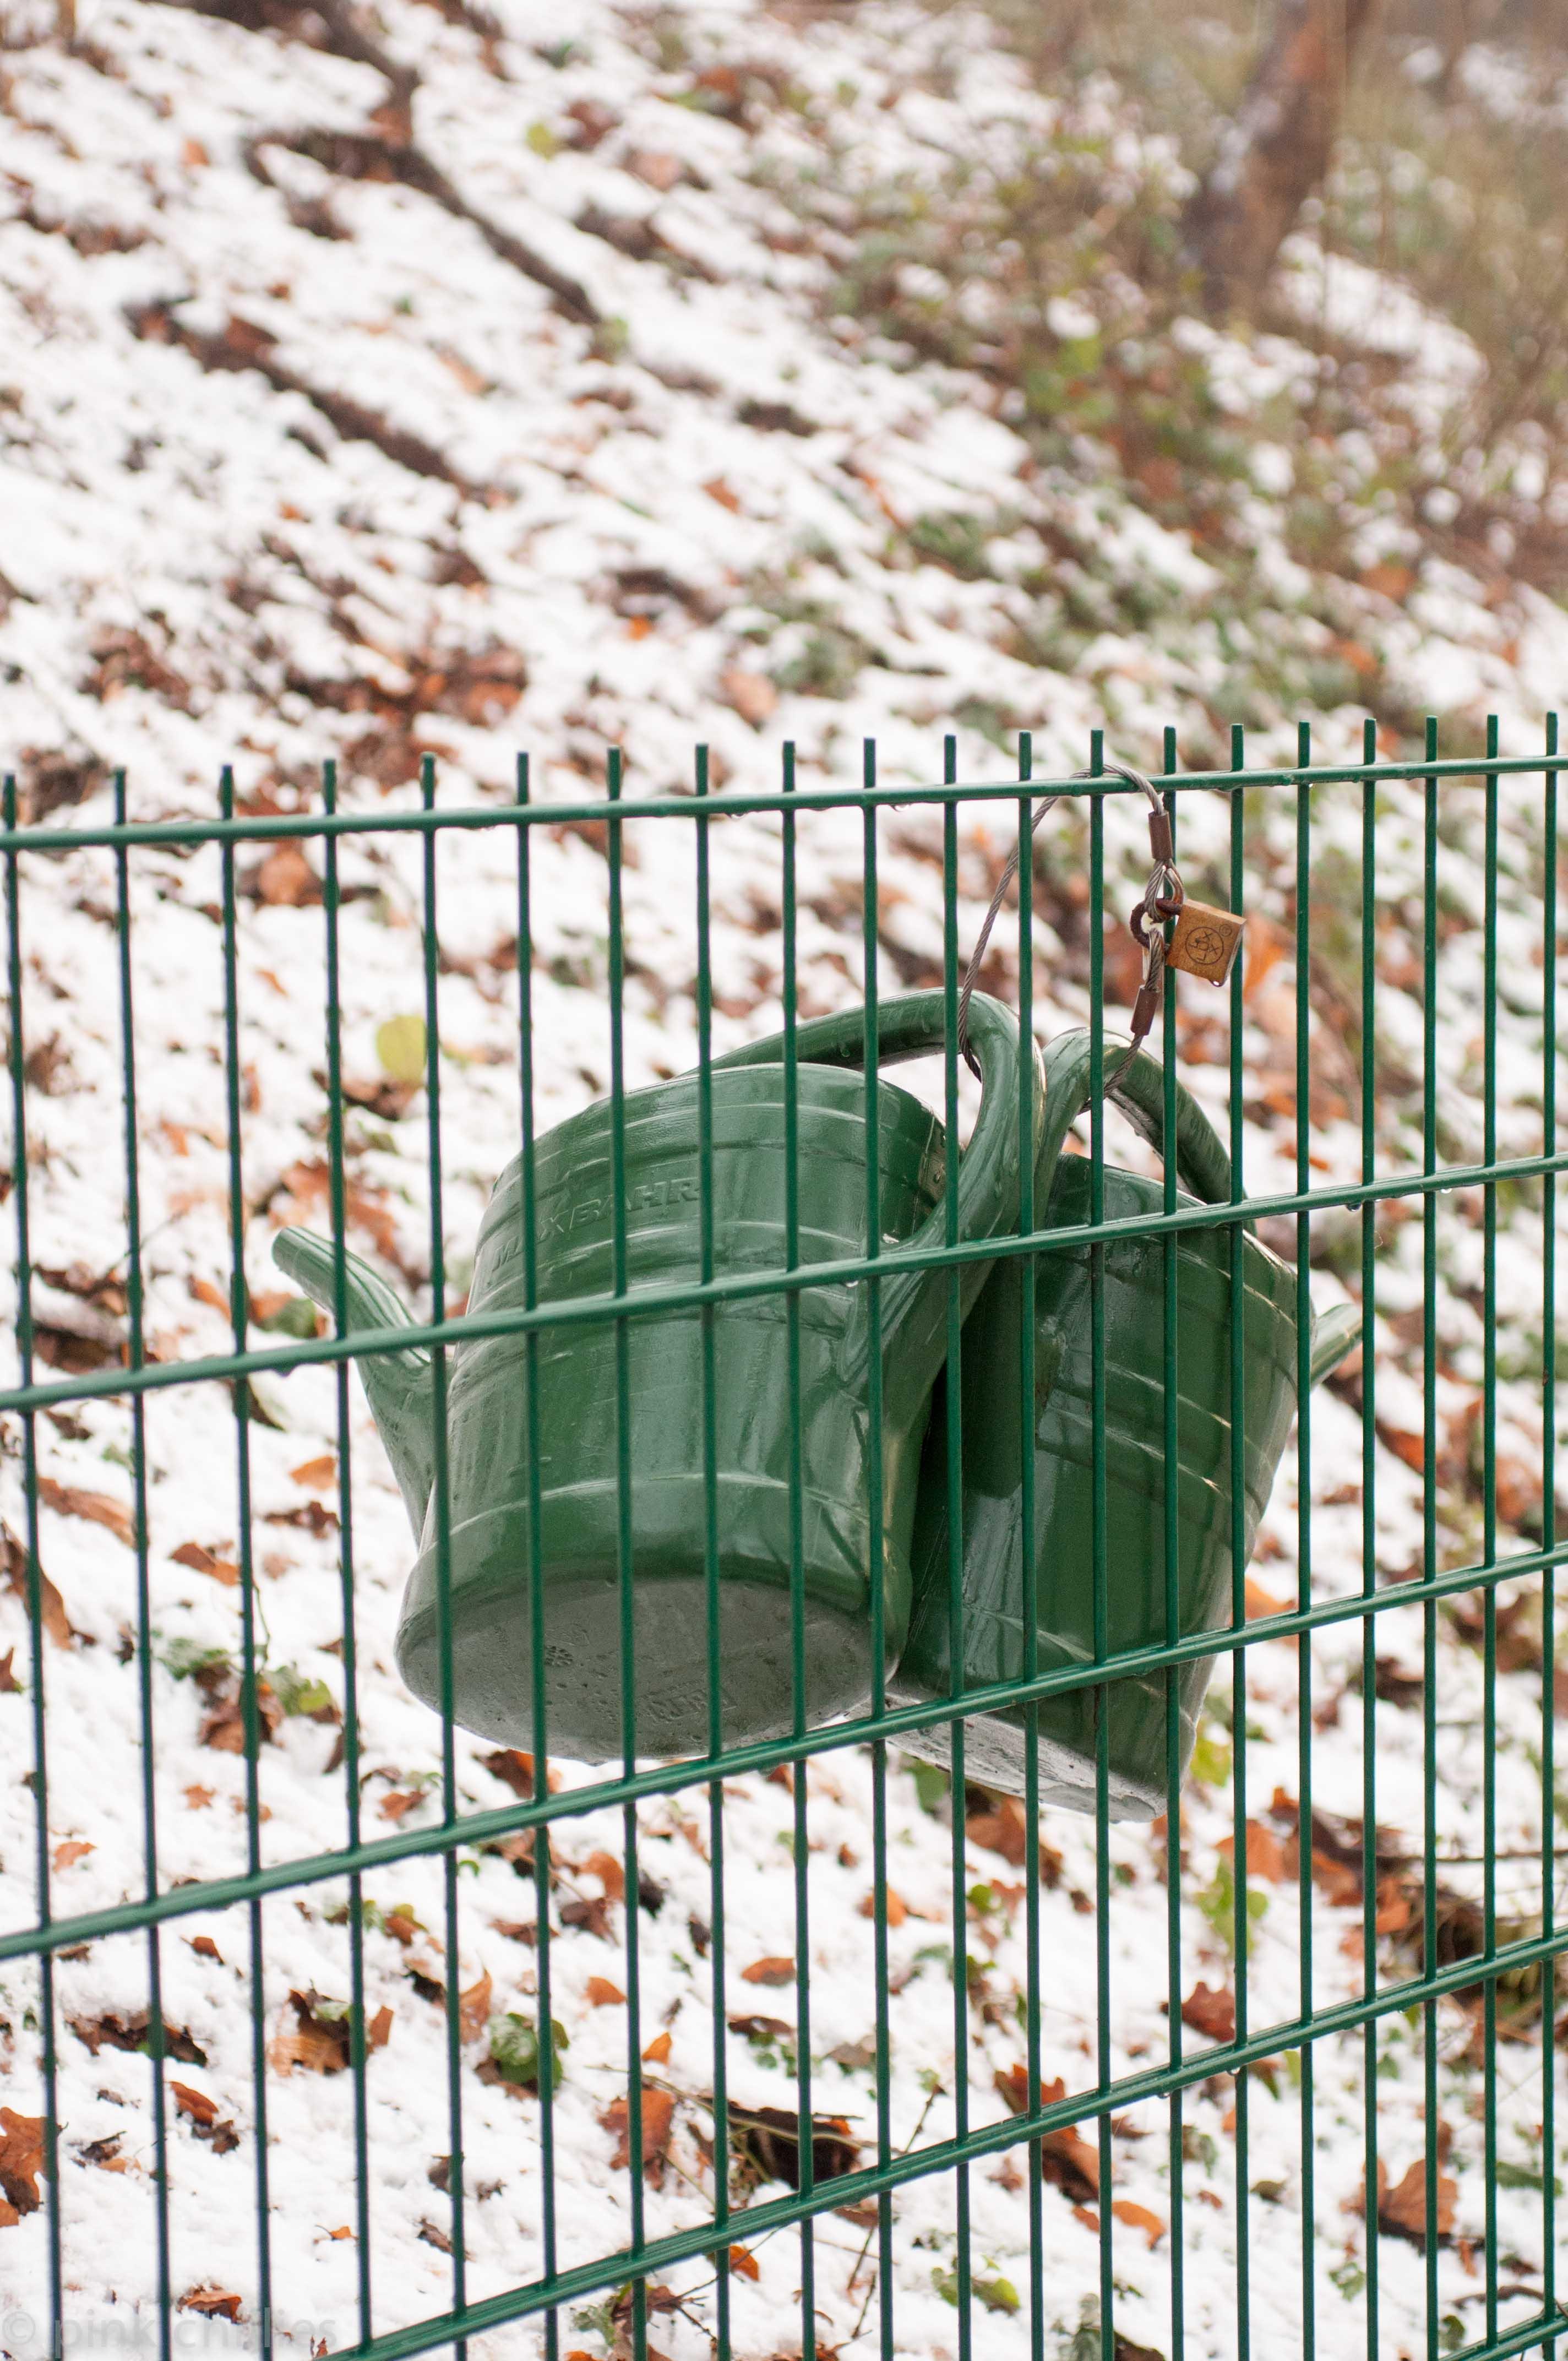 Gießkannen am Zaun